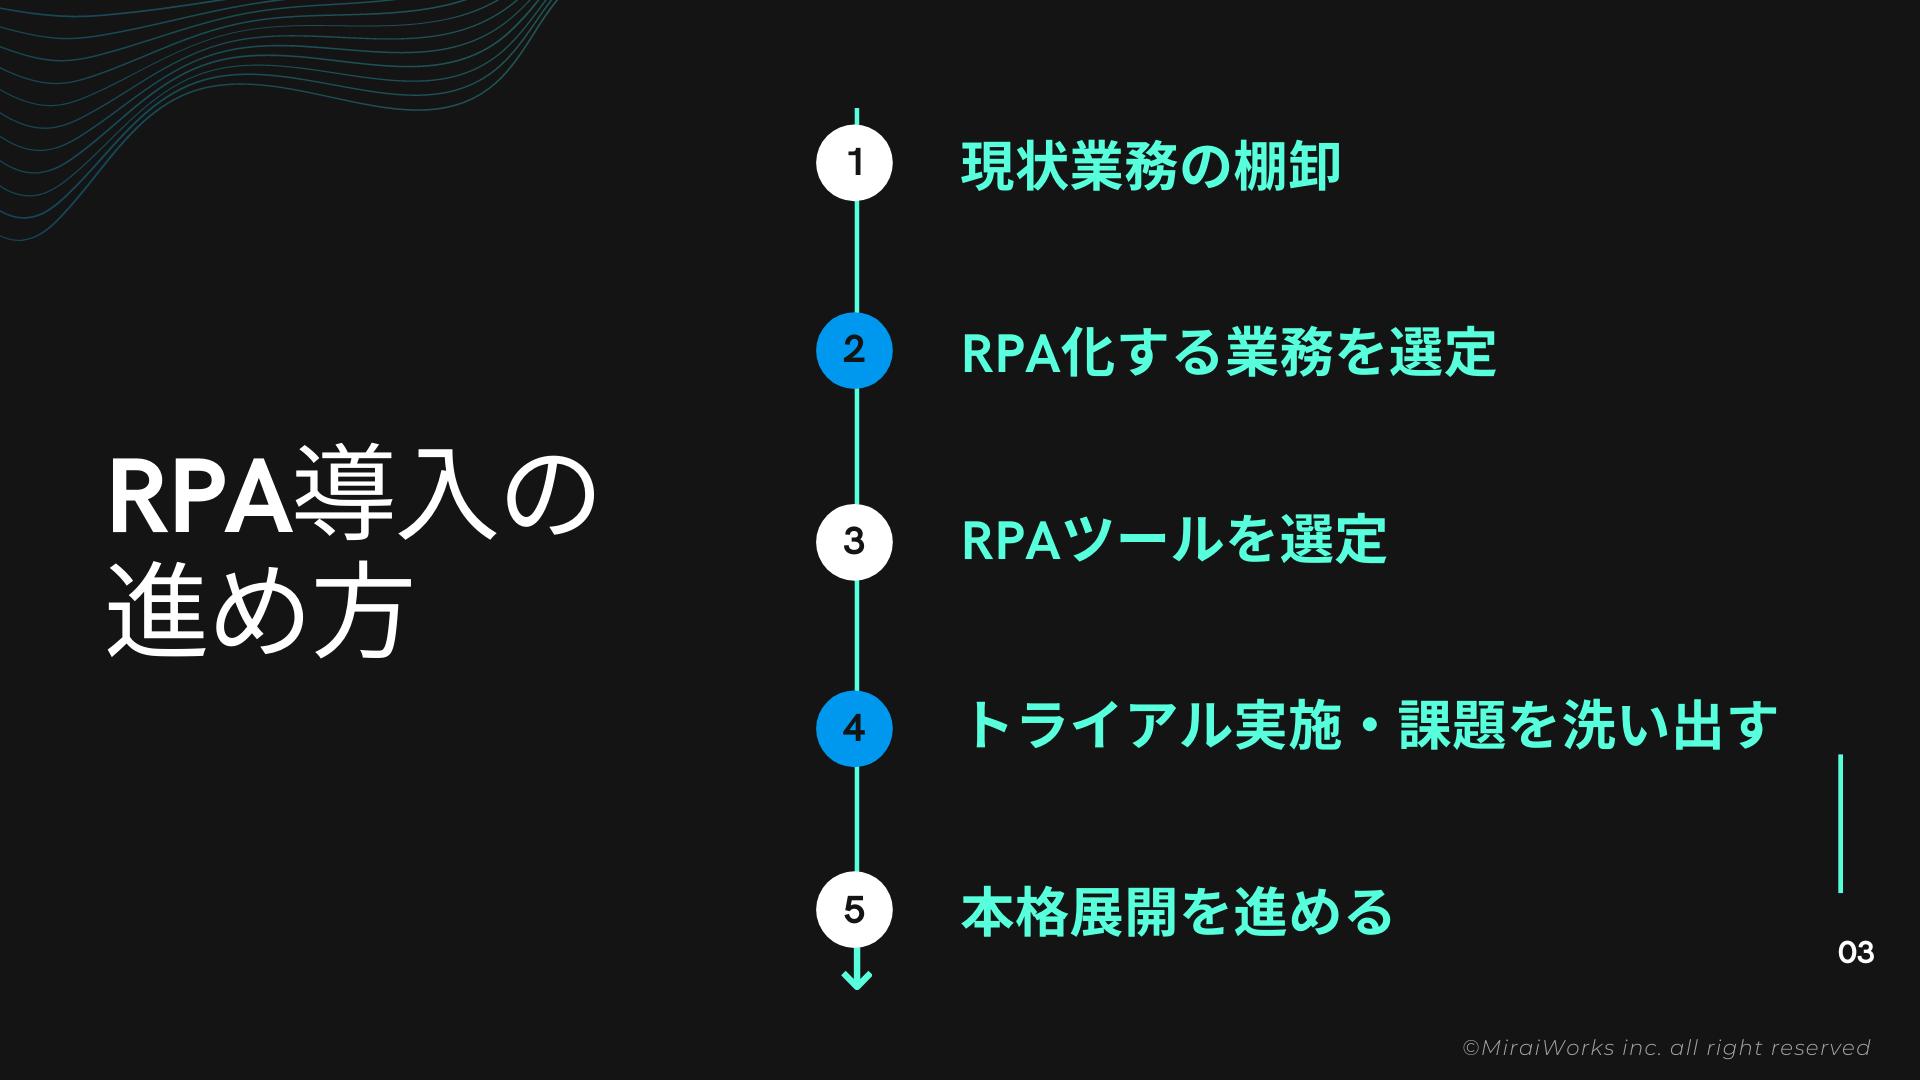 RPA導入の進め方